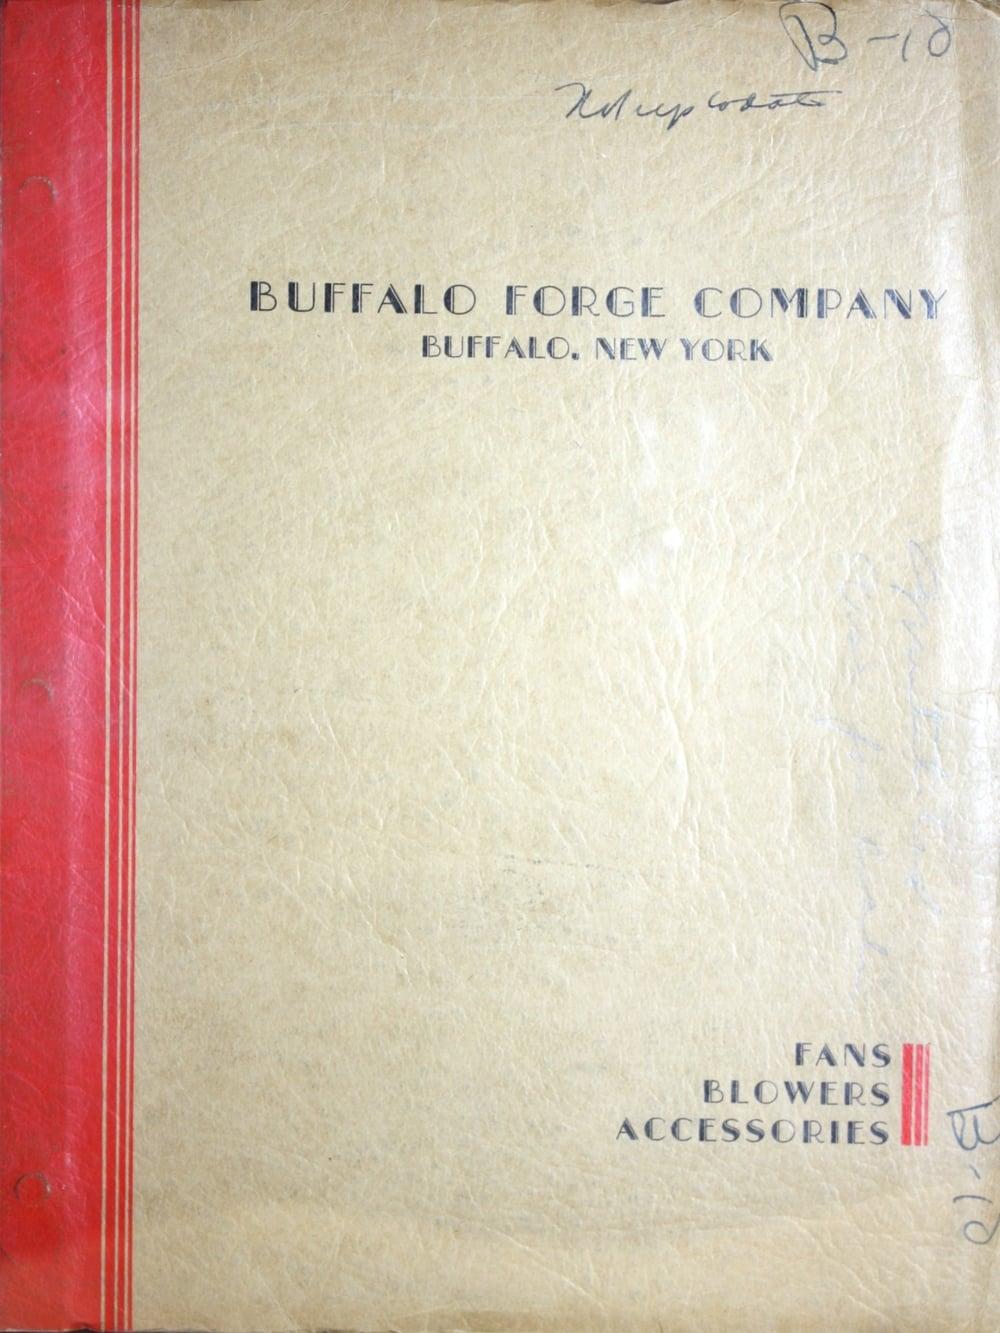 BuffaloForgeCoCca42778_0000.jpg